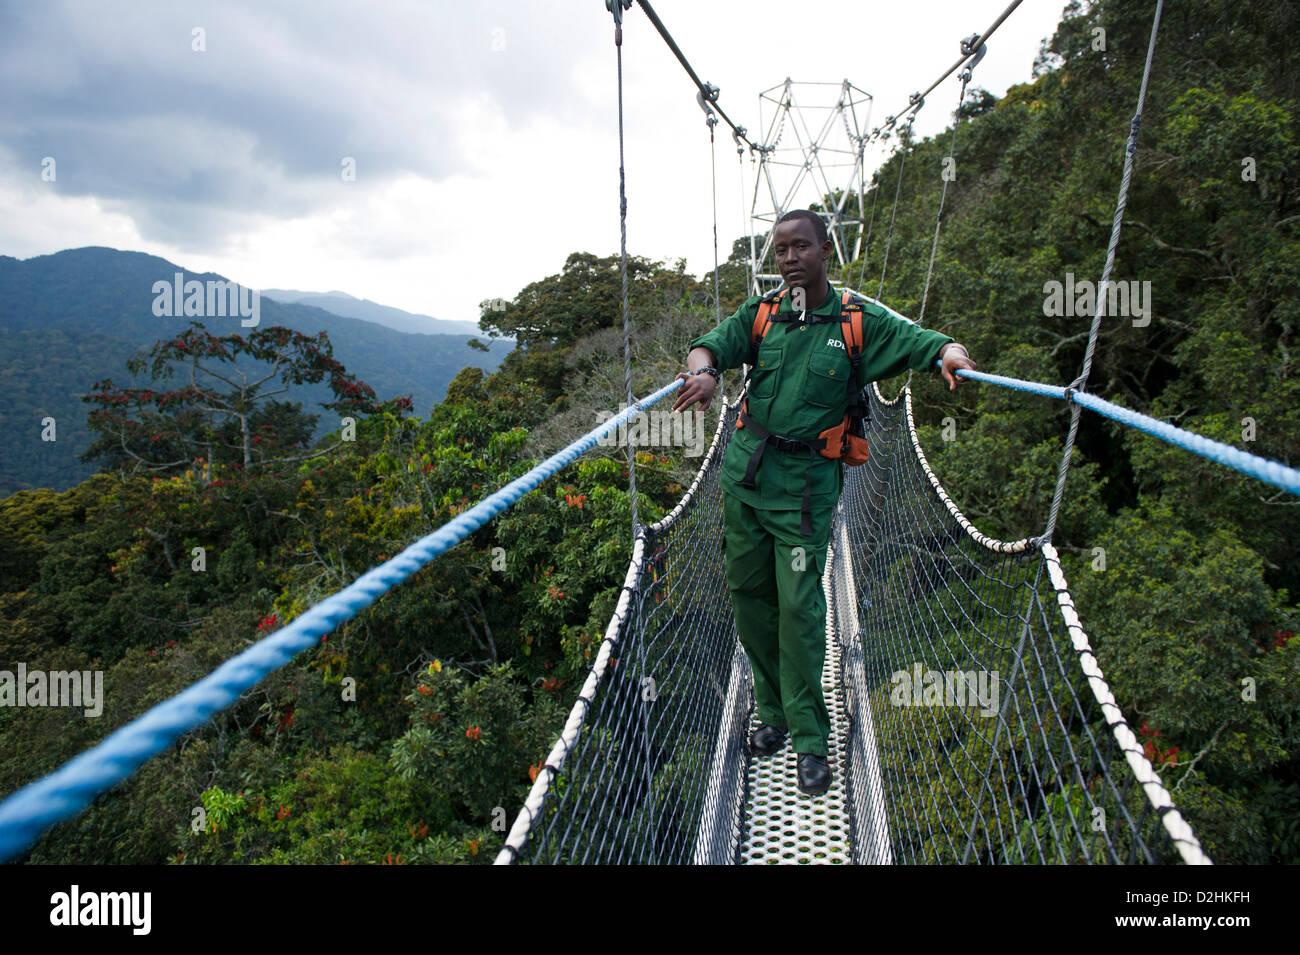 Nyungwe Canopy Walk, Nyungwe Forest National Park, Rwanda Stock Photo